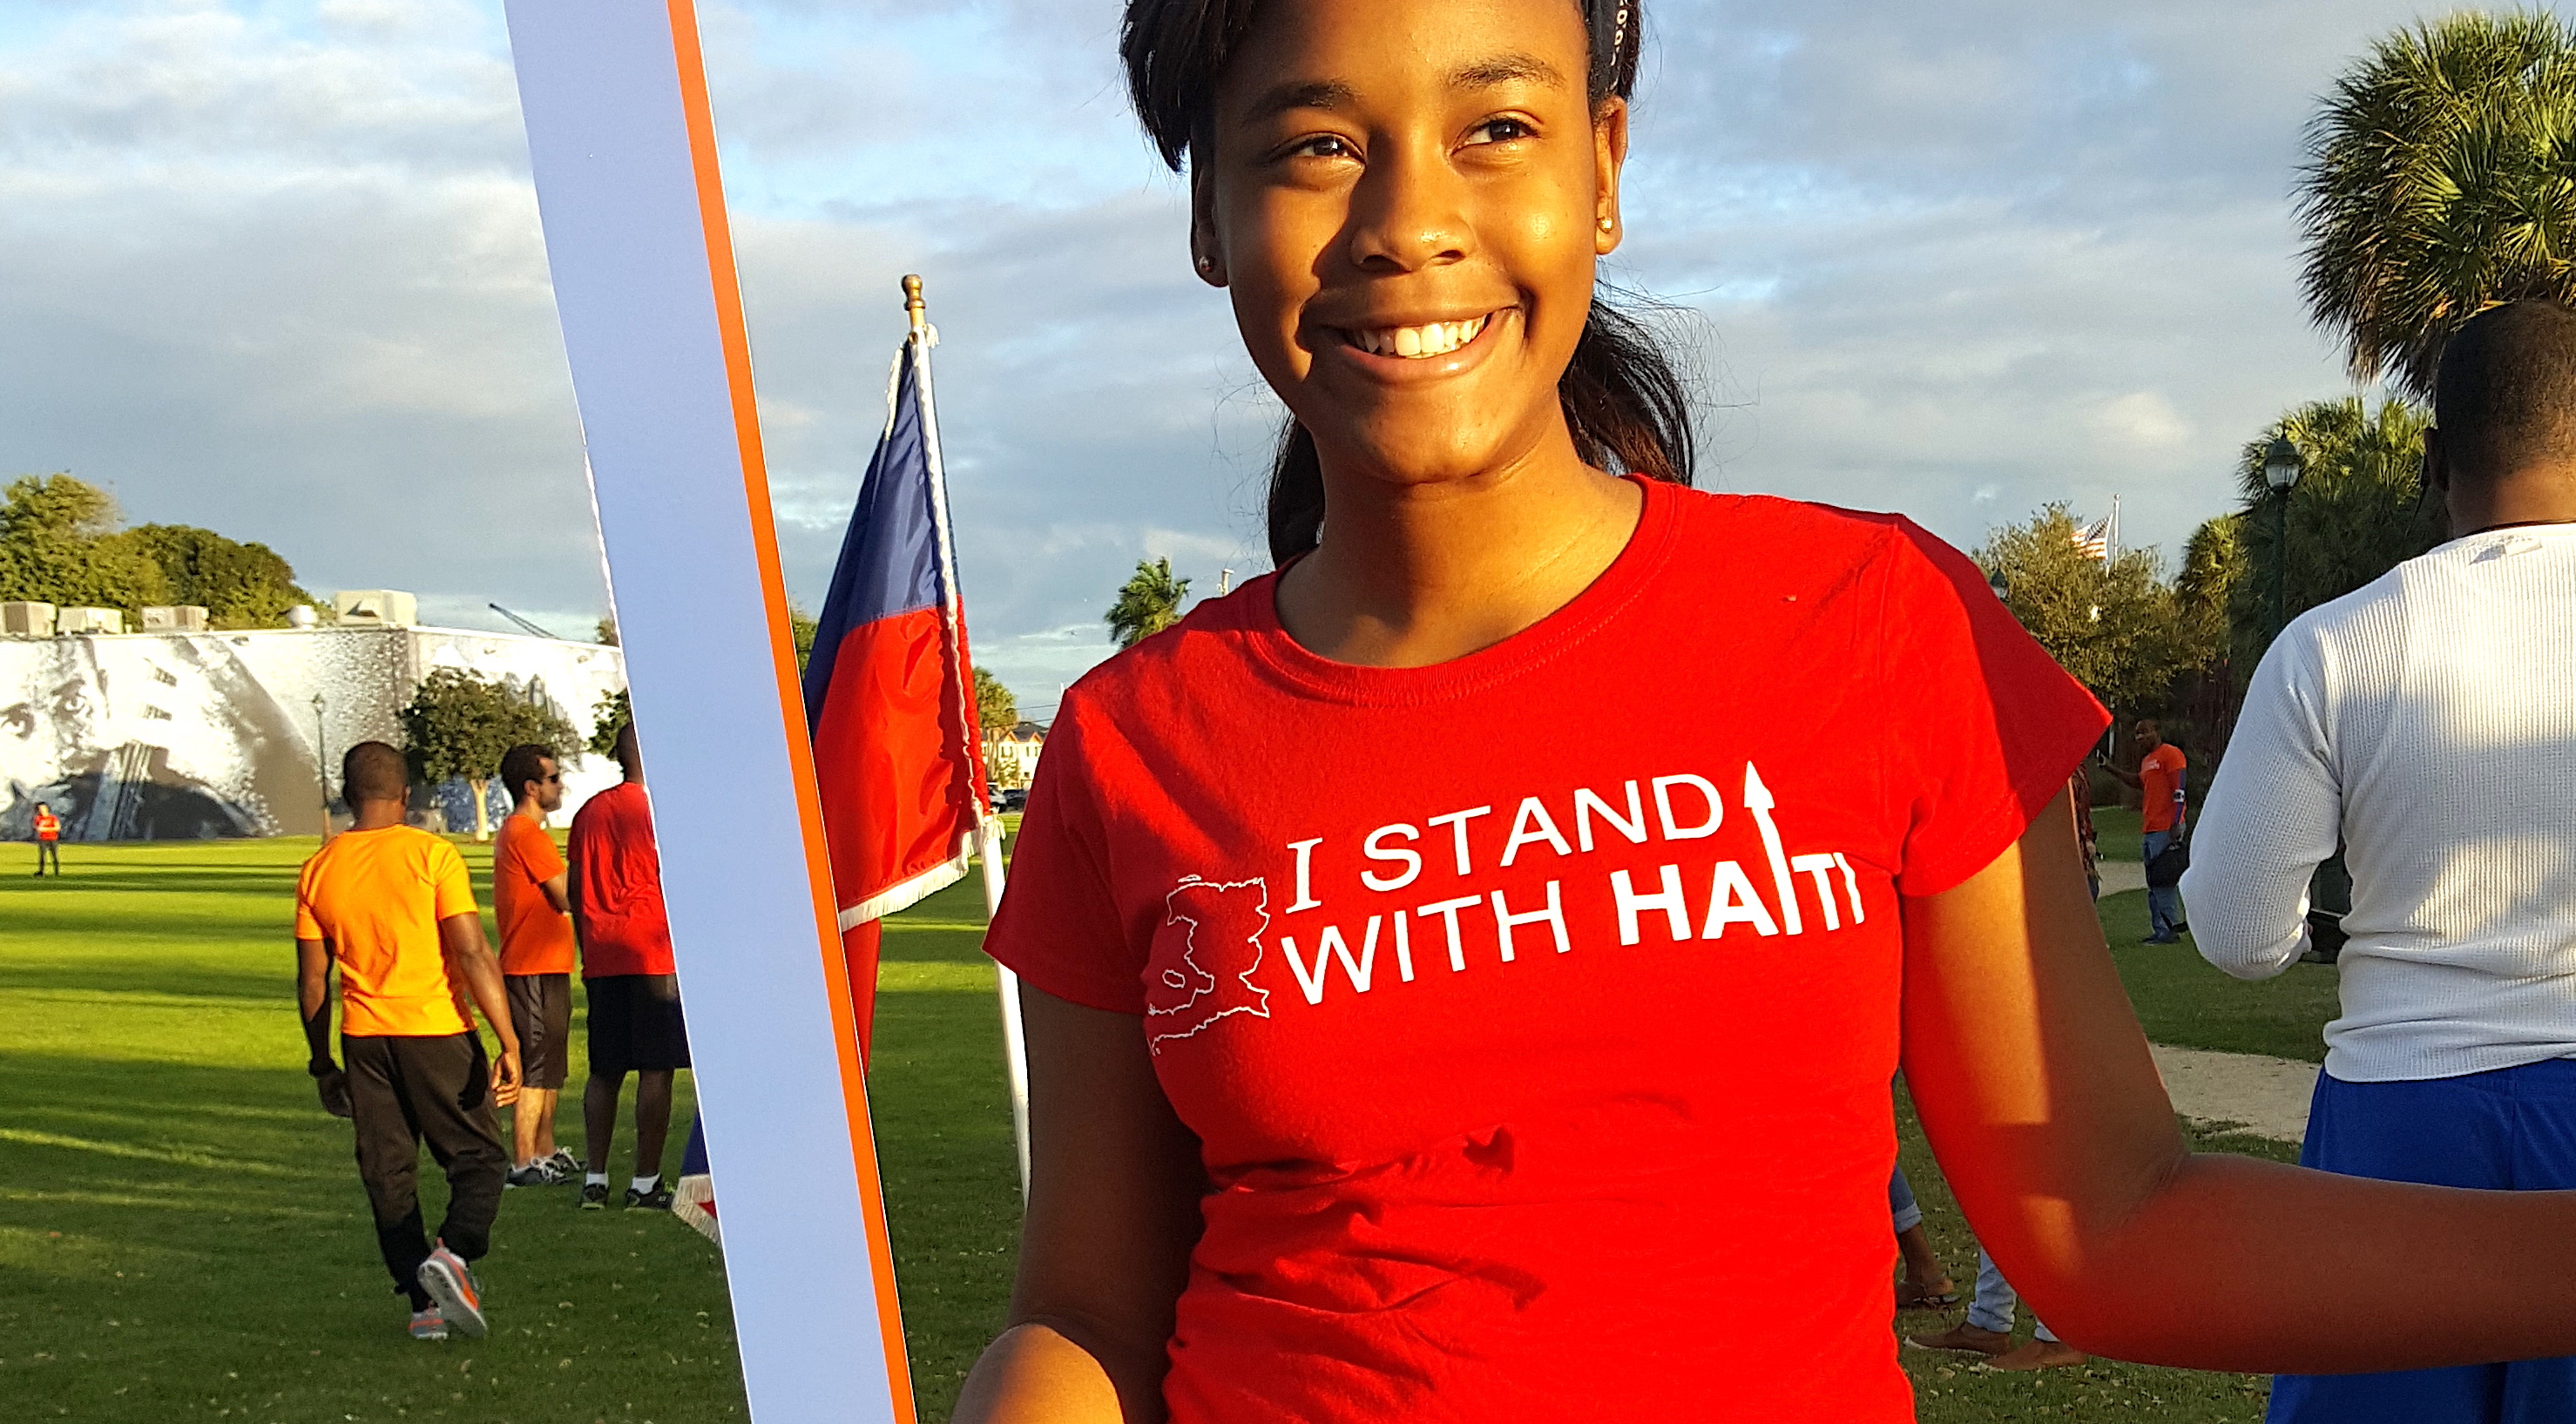 I Stand With Haiti 2017